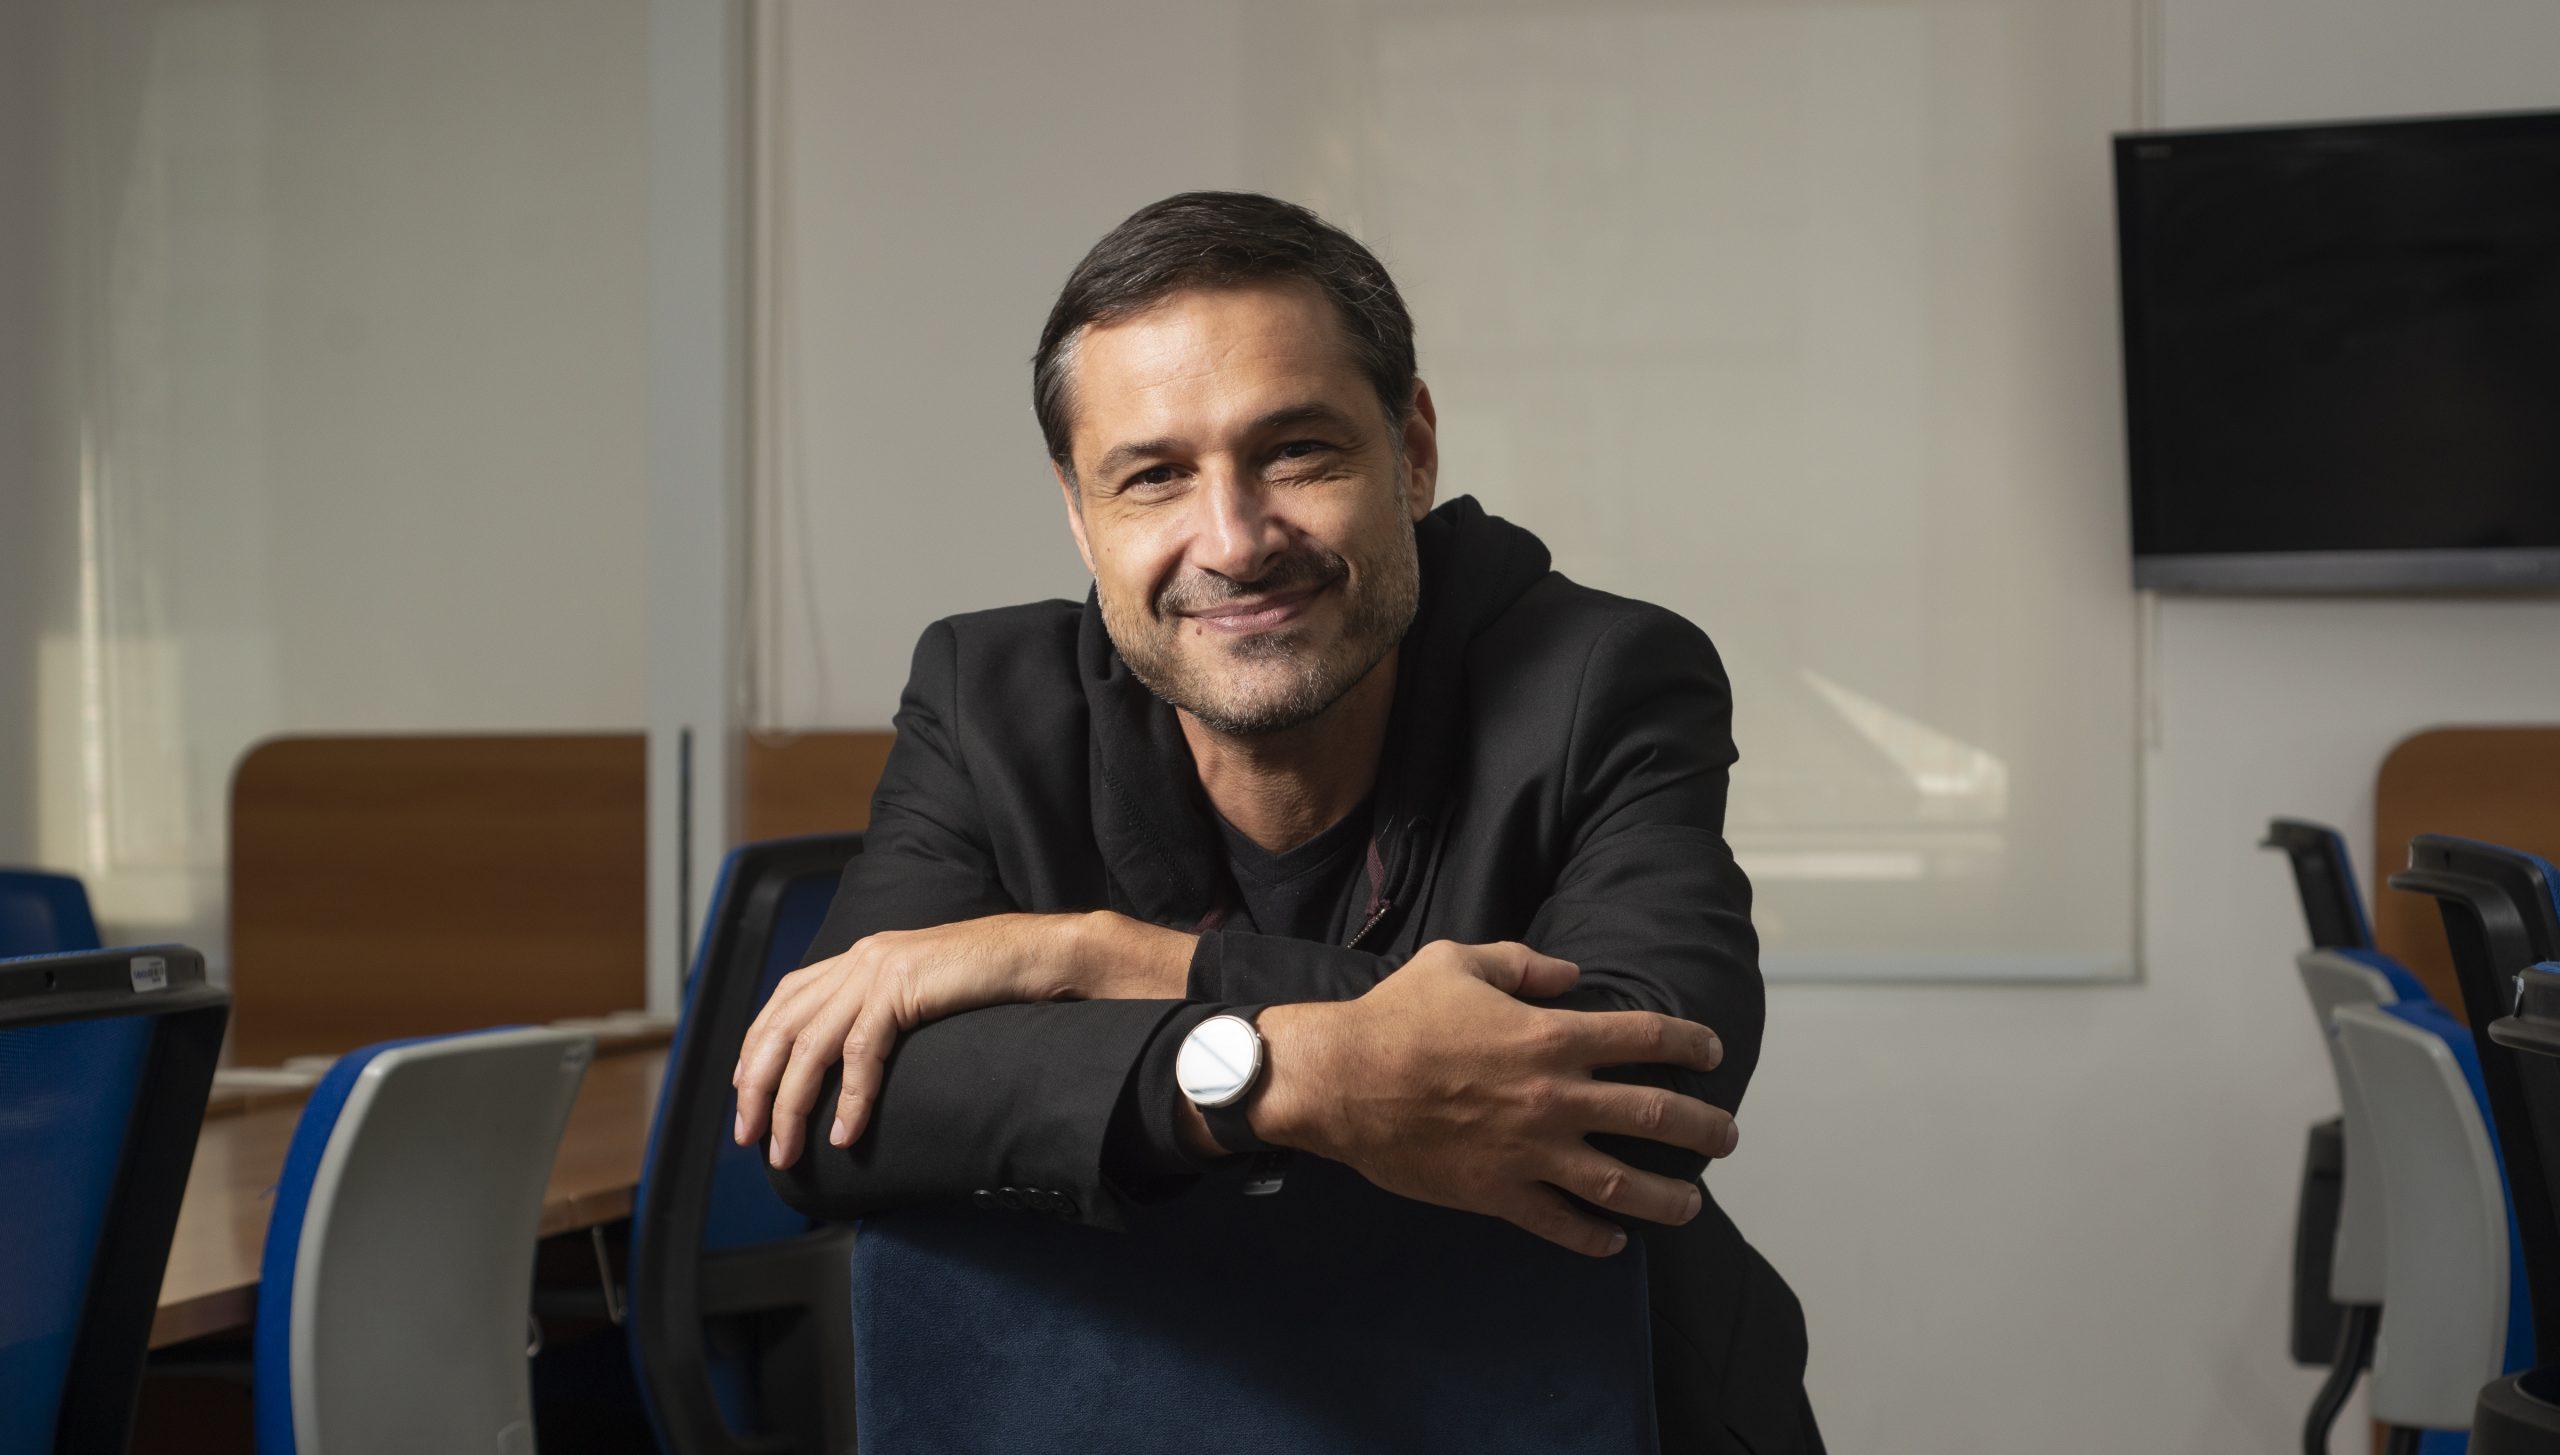 EXCLUSIVO: Meta Ventures faz aporte de R$ 1 mi na paranaense Manfing, sua 5ª investida